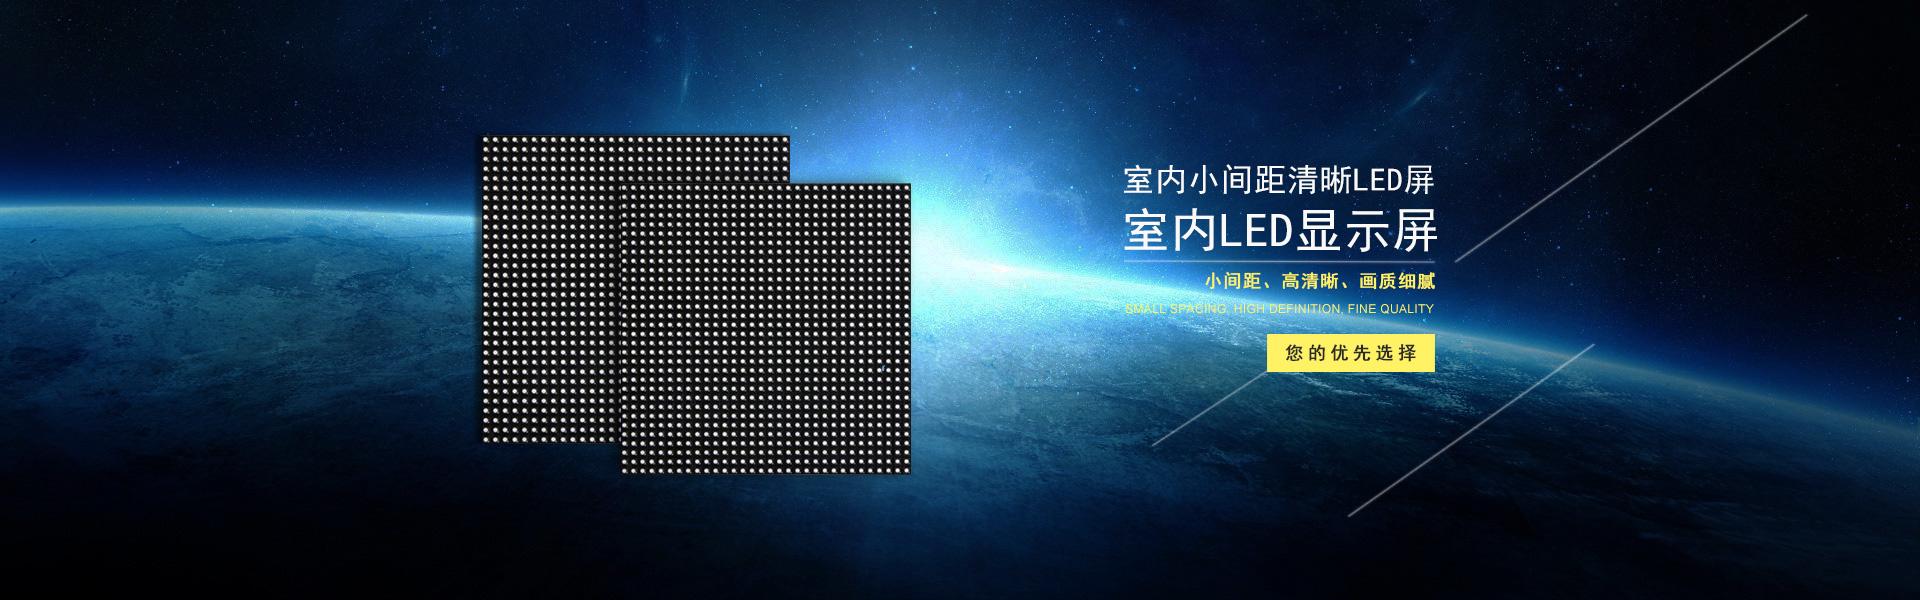 重庆led显示屏安装公司